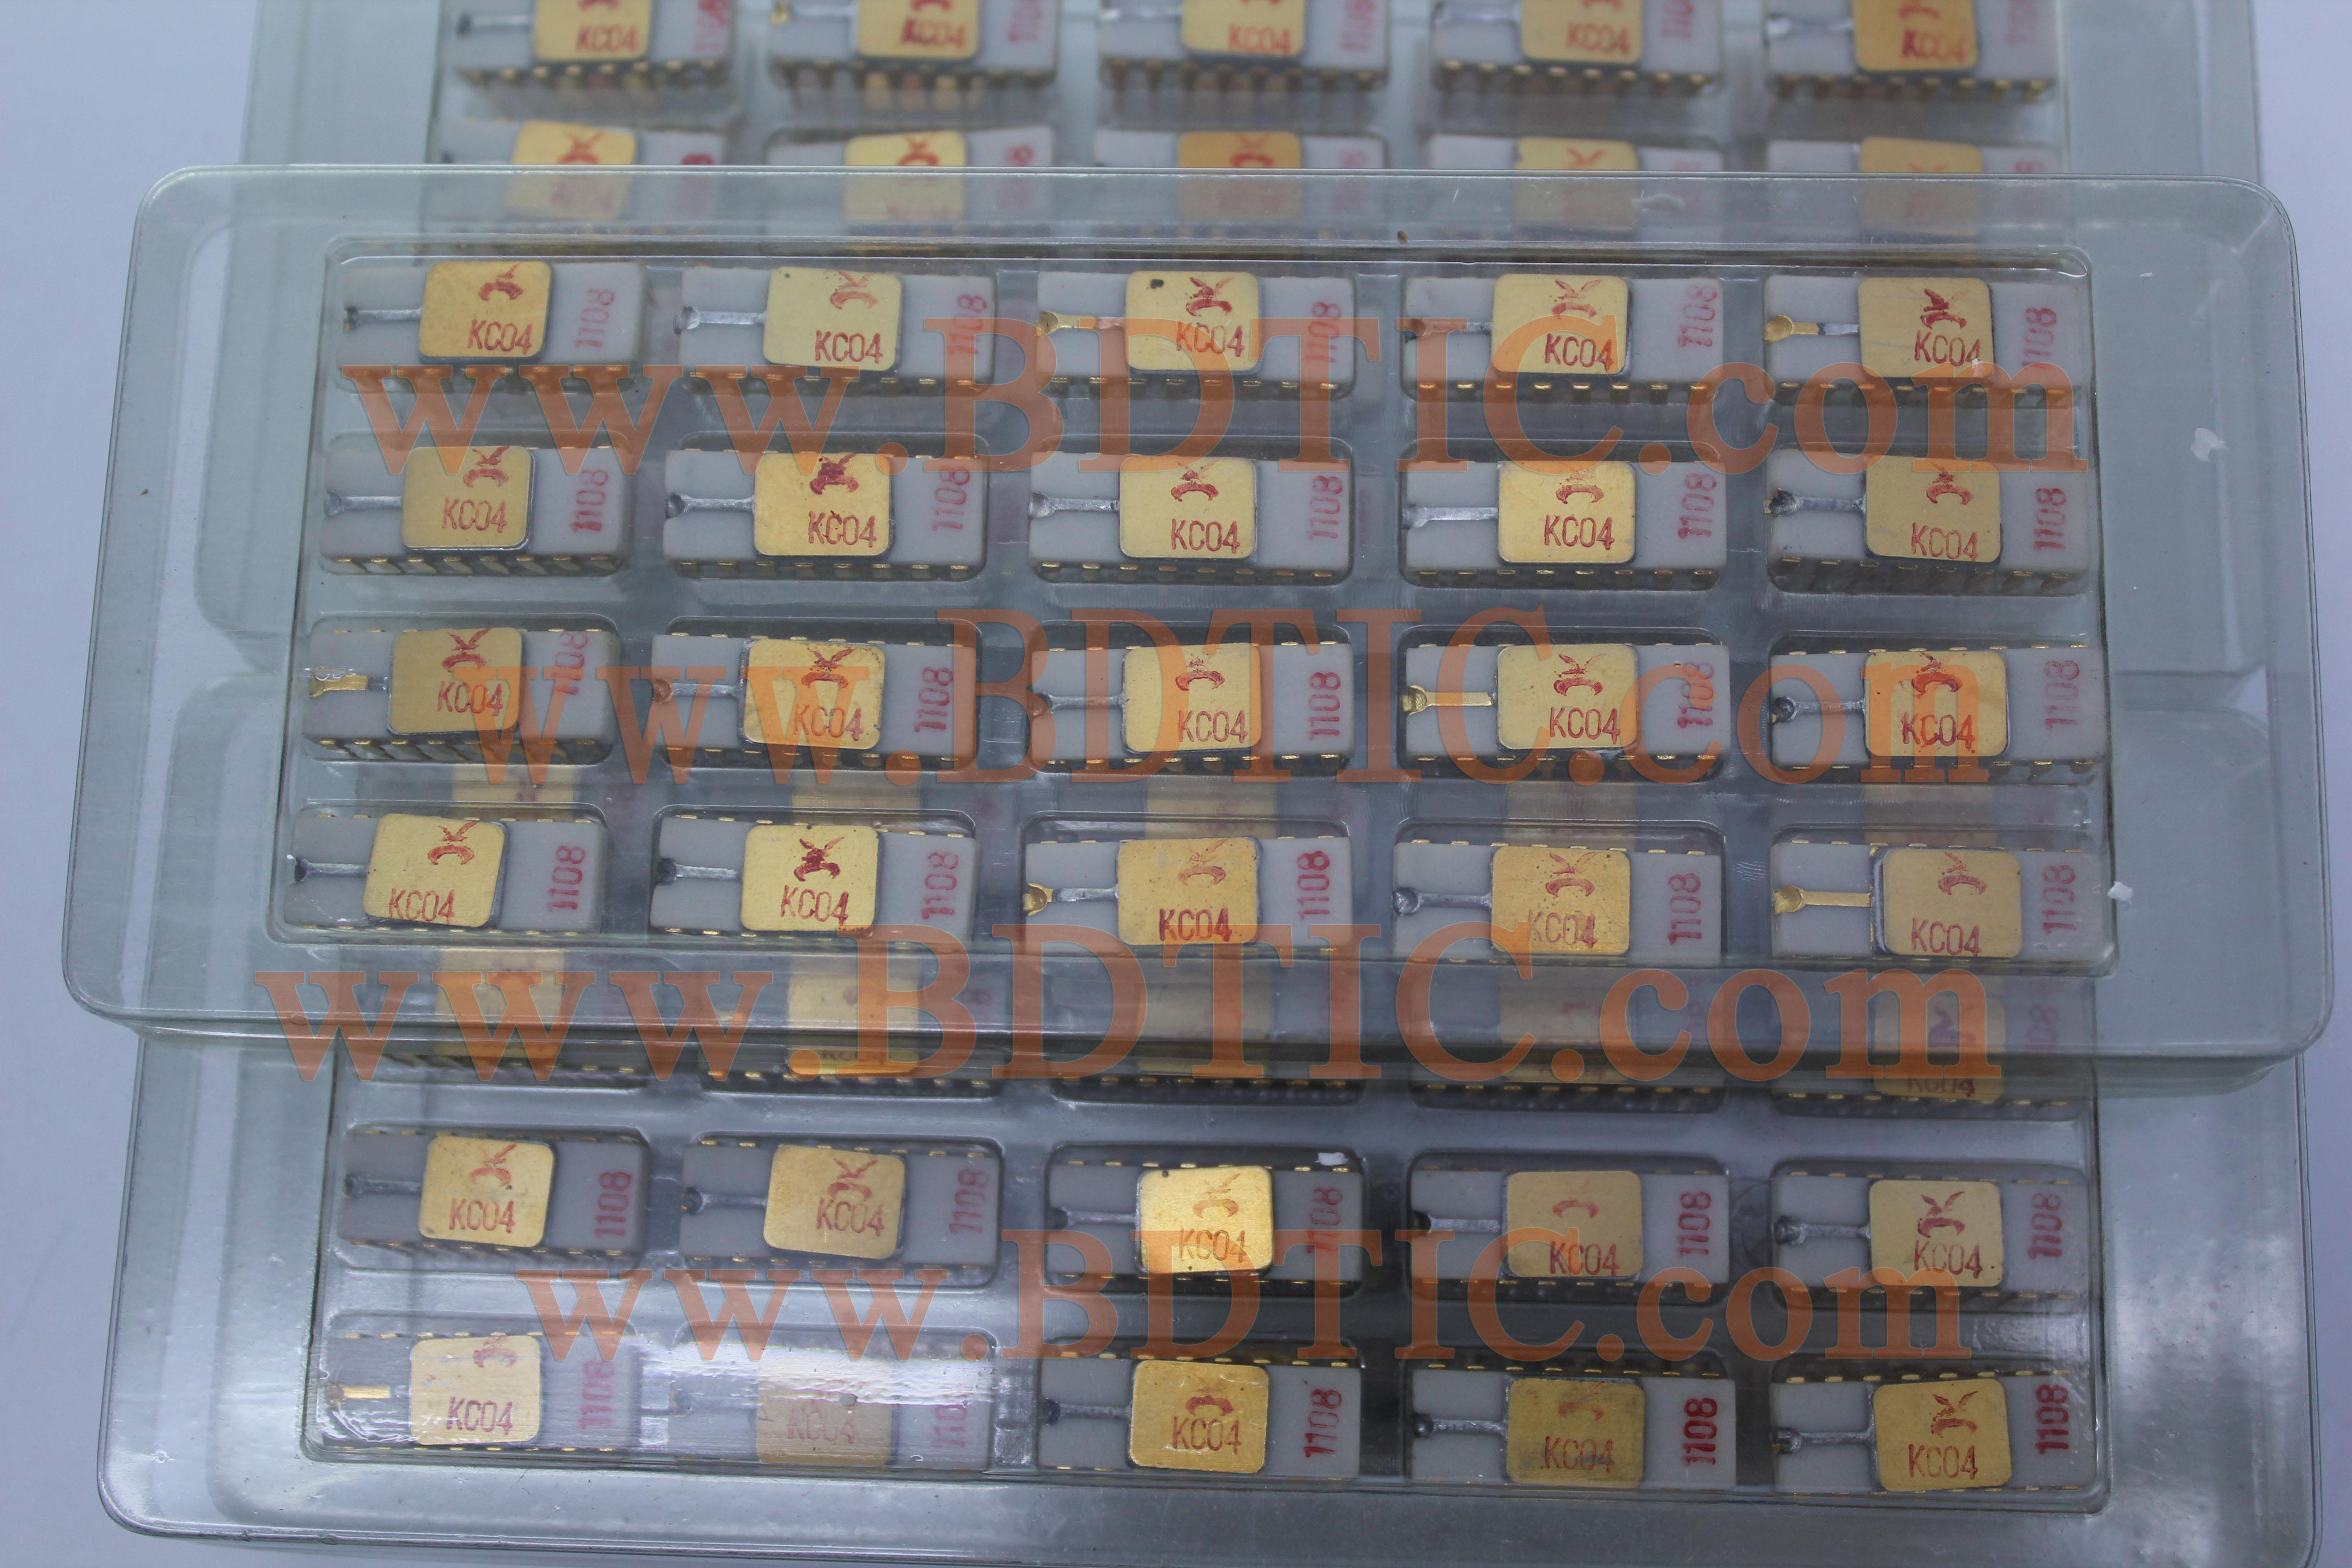 kc04,kc09 可控硅移相触发器